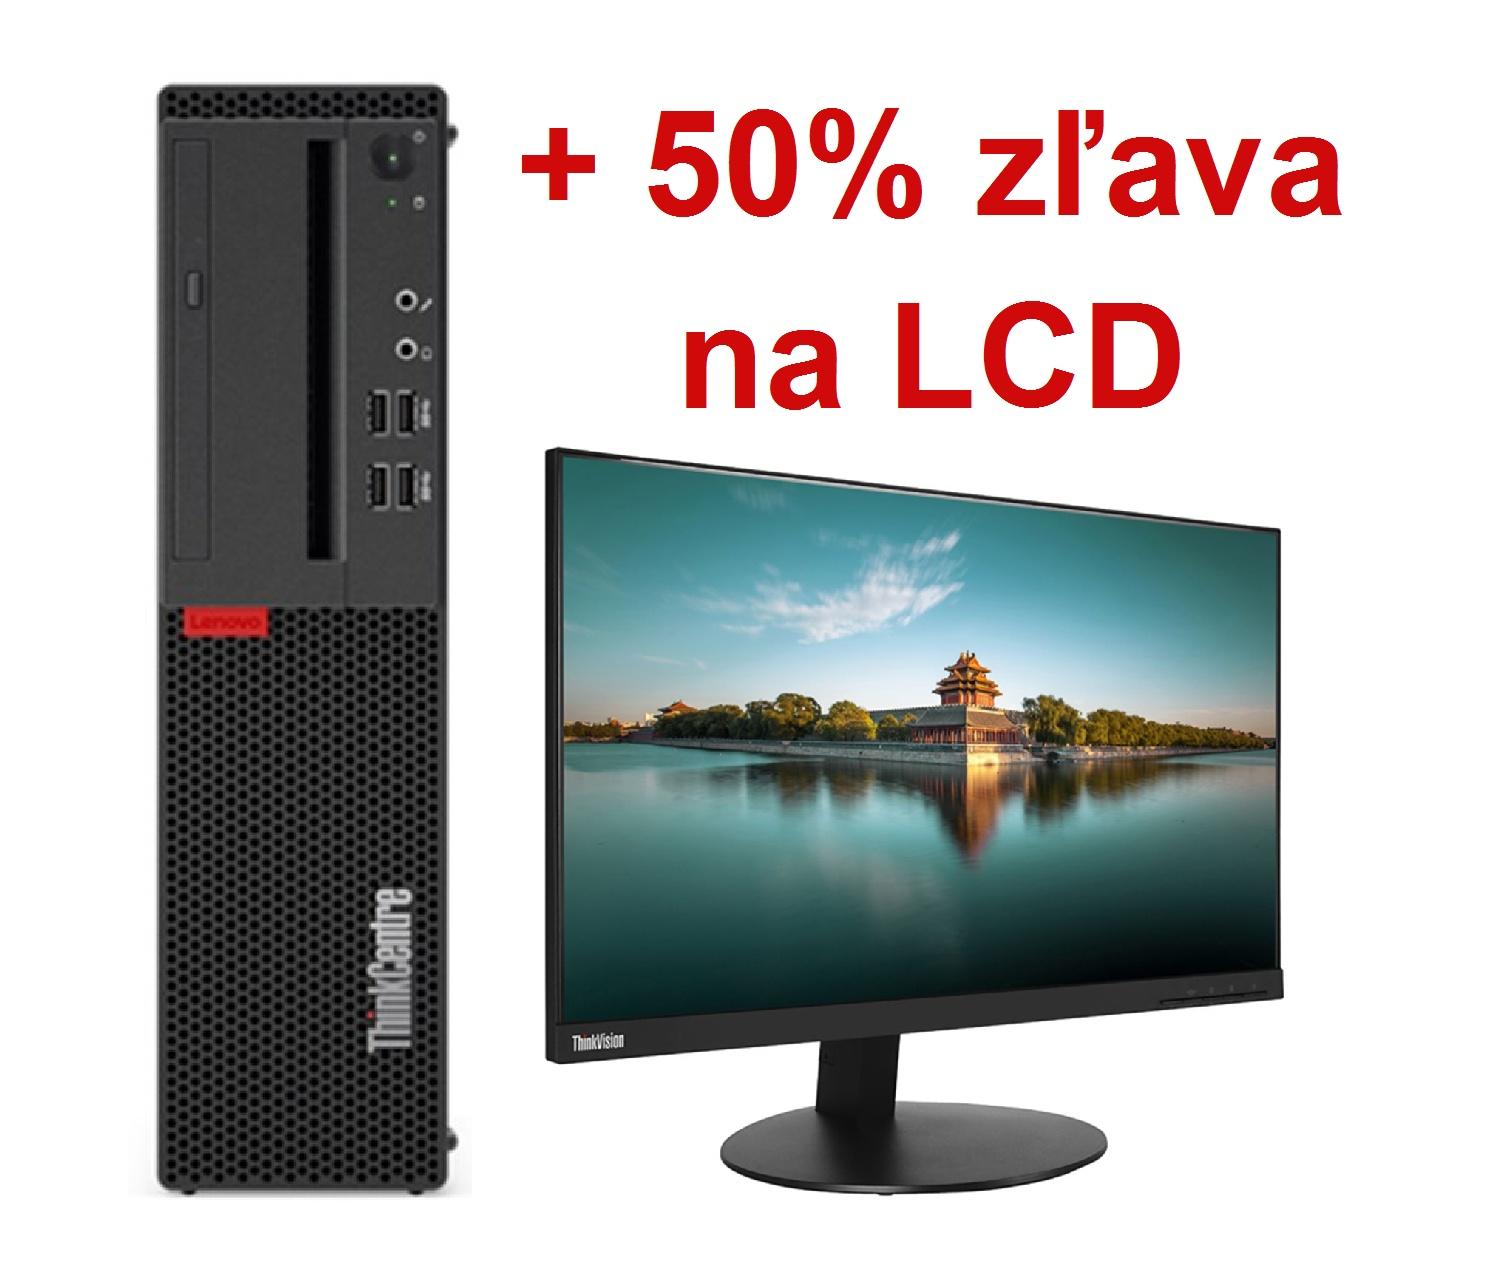 TC M710s SFF i7-7700/8G/256SSD/INT/DVD/W10Pro